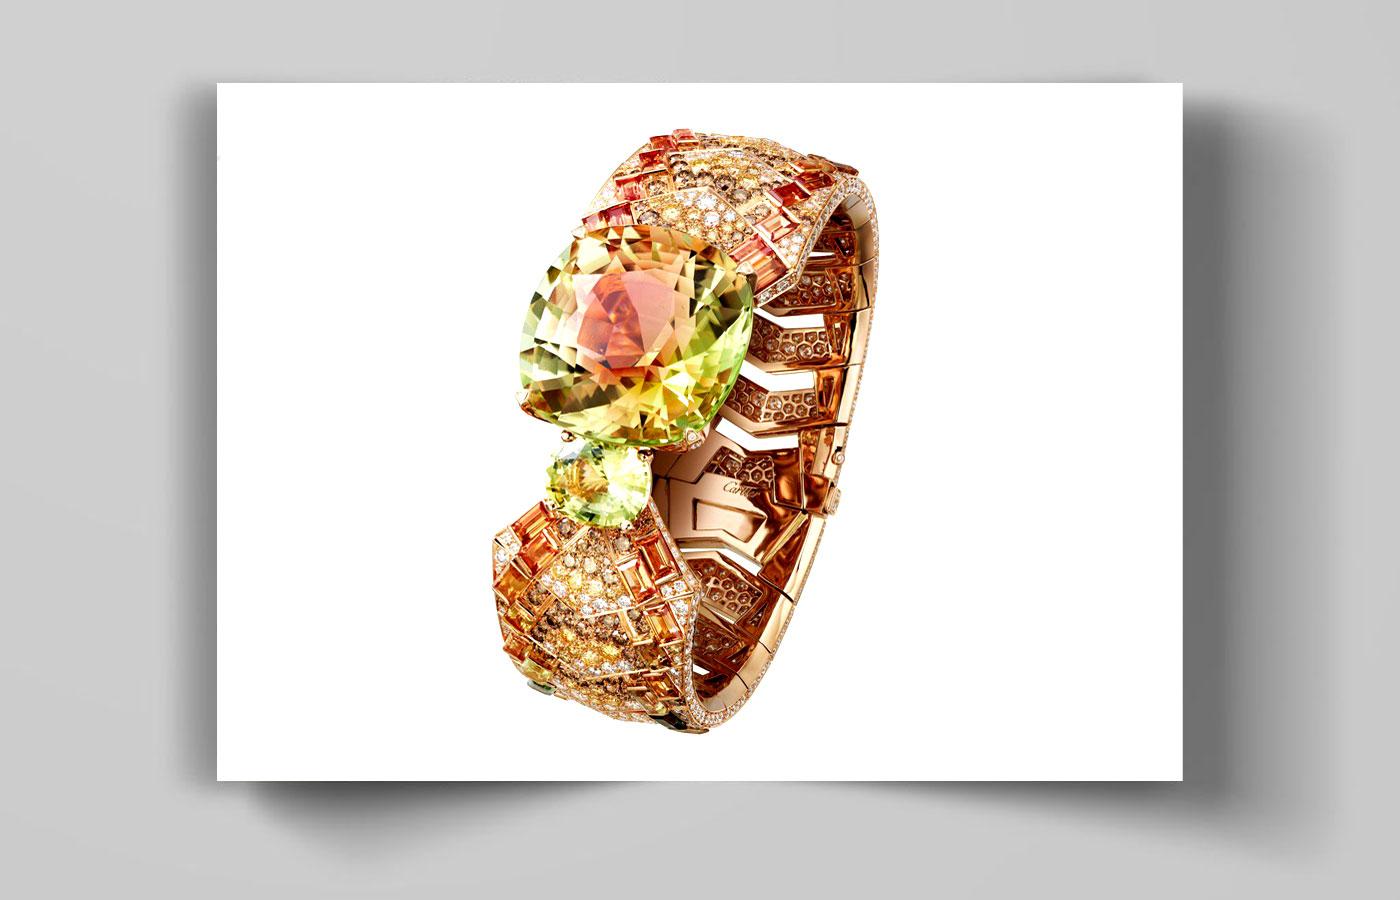 دستبند کارتیه ( cartier )